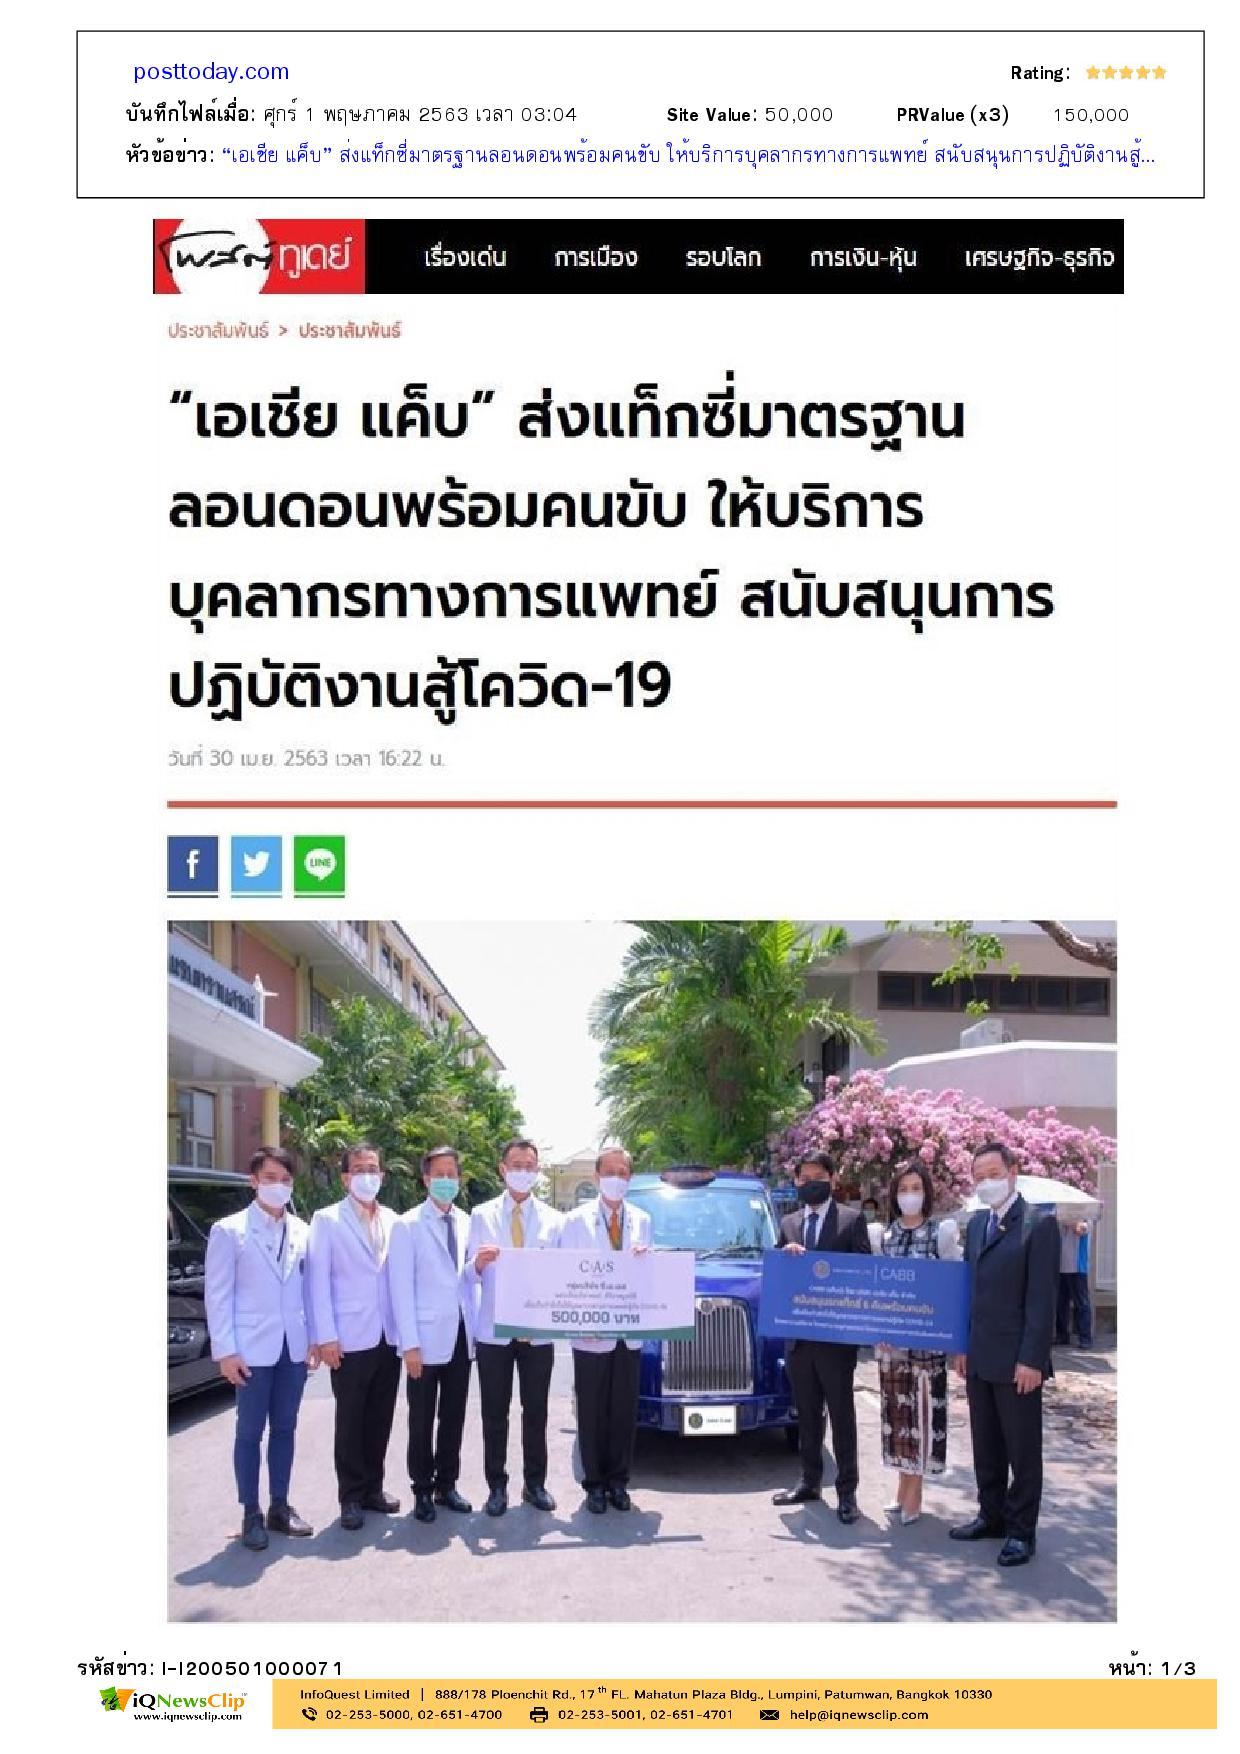 บริการเเท็กซี่ สนับสนุนบุคลากรทางเเพทย์ รพ.จุฬาฯ